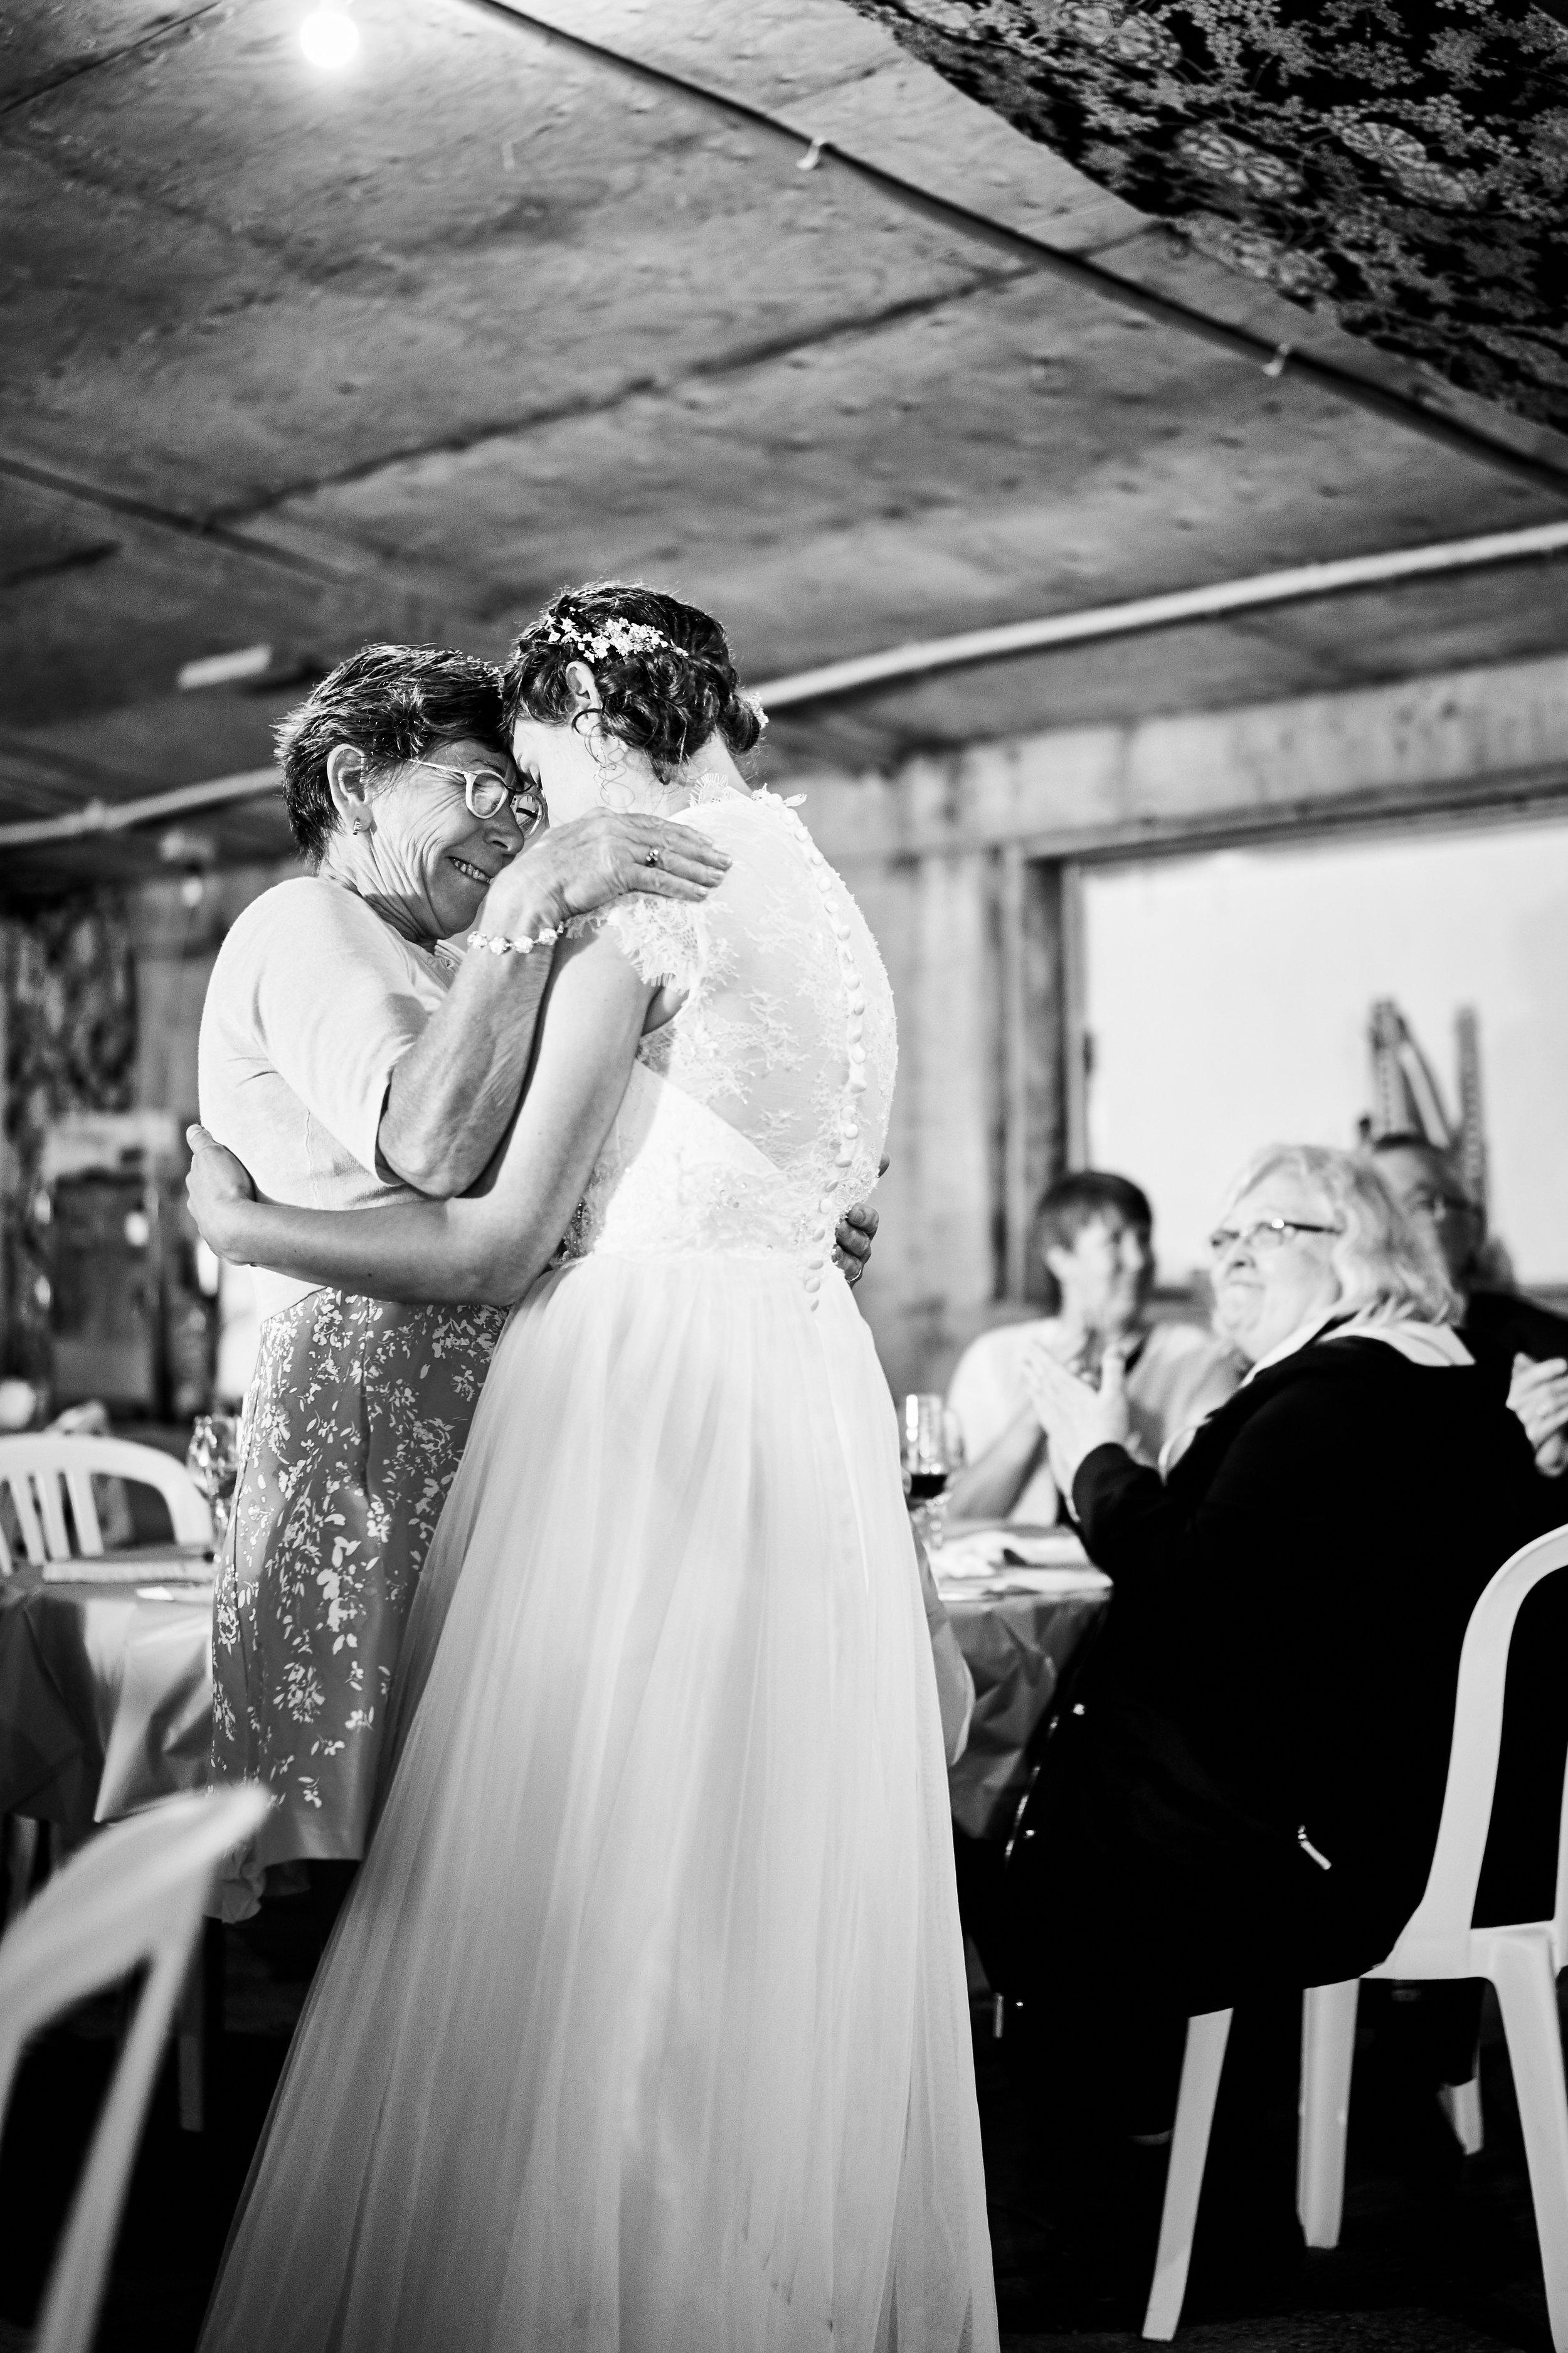 Amy-Lee & James' Wedding 785.jpg